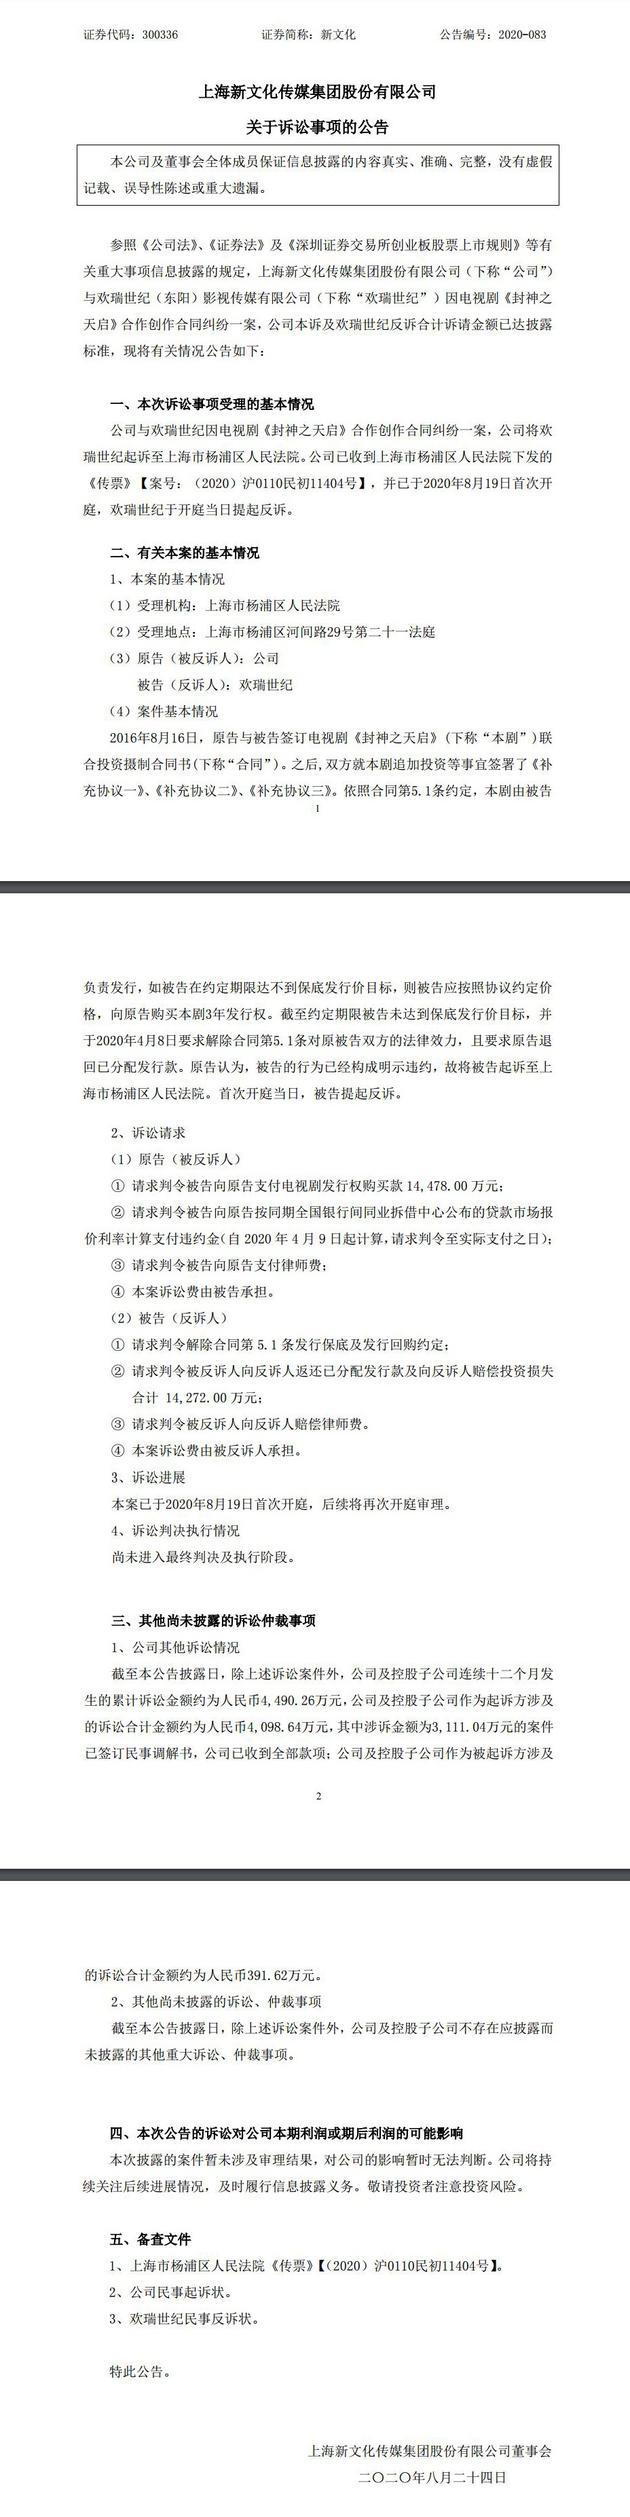 上海新文化公告